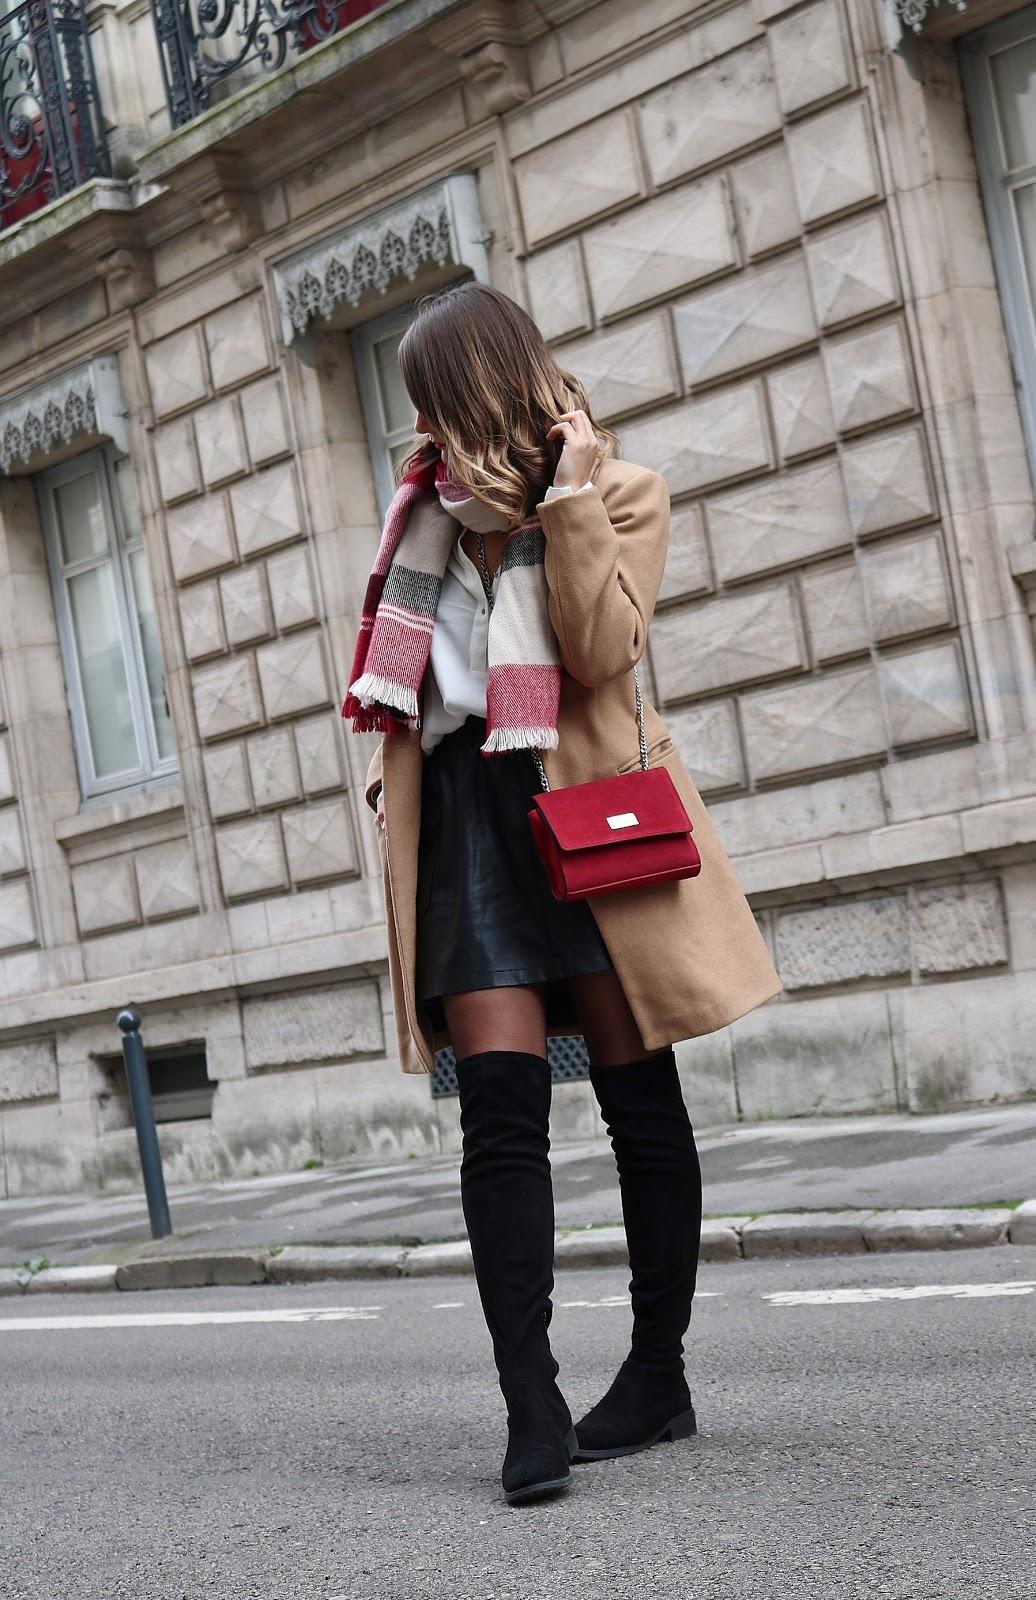 pauline dress blog mode déco lifestyle besancon tenue octobre 2017 cuissardes jupe similicuir blouse blanche manteau camel sac rouge grosse echarpe plan pied